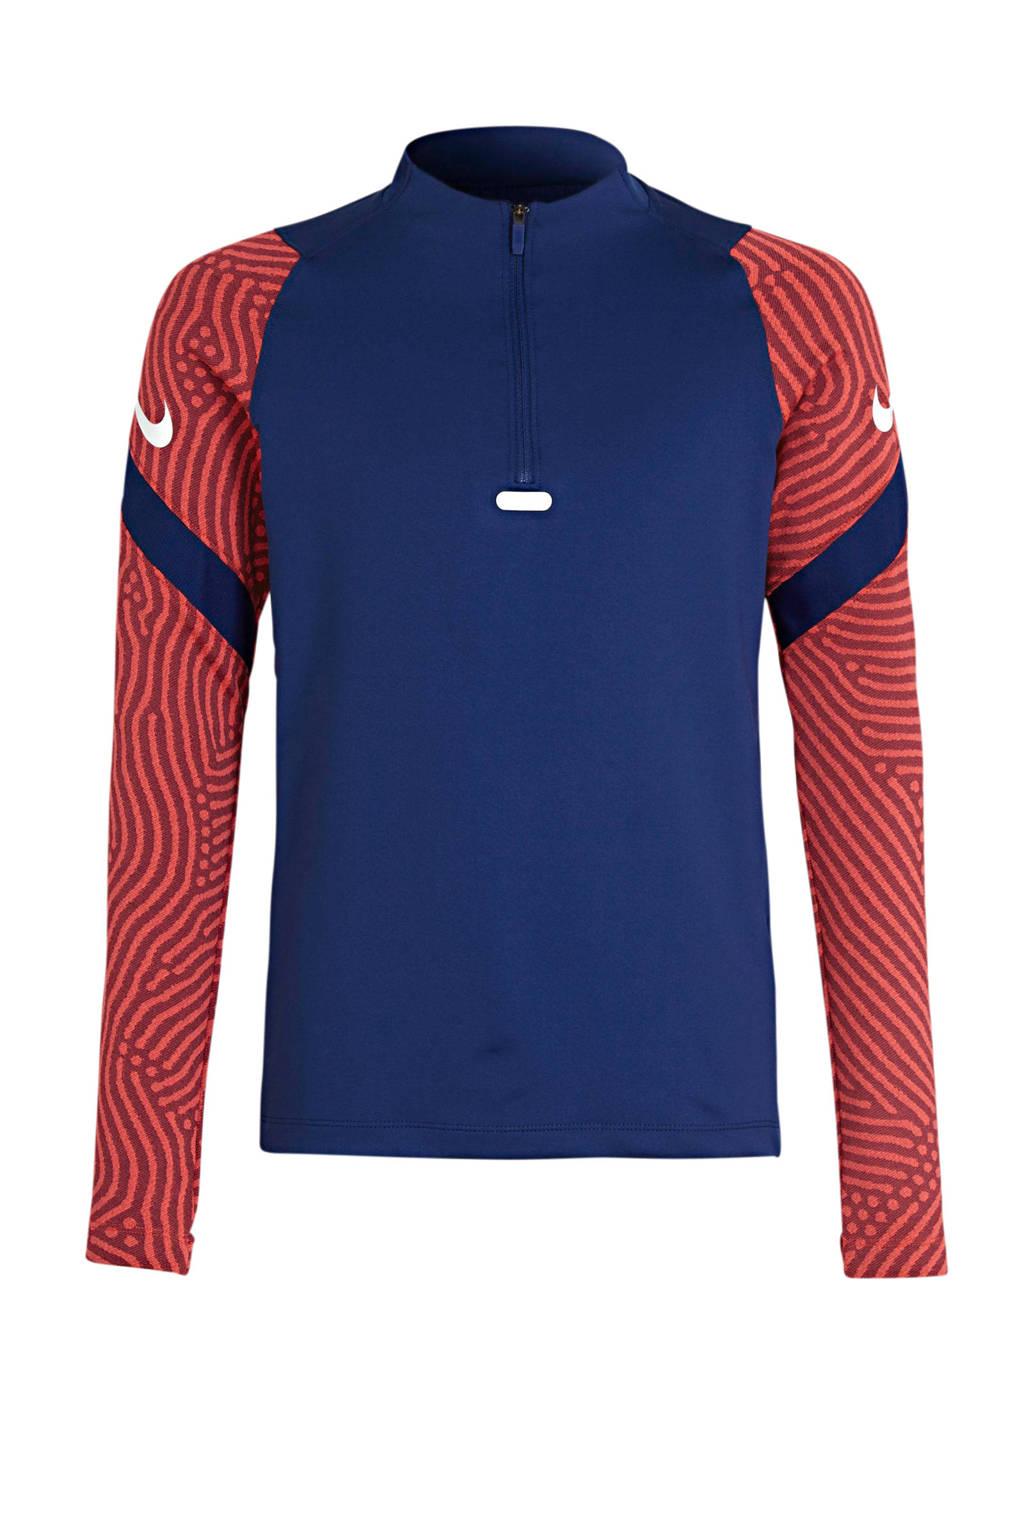 Nike Junior  voetbalshirt blauw/rood, Blauw/rood